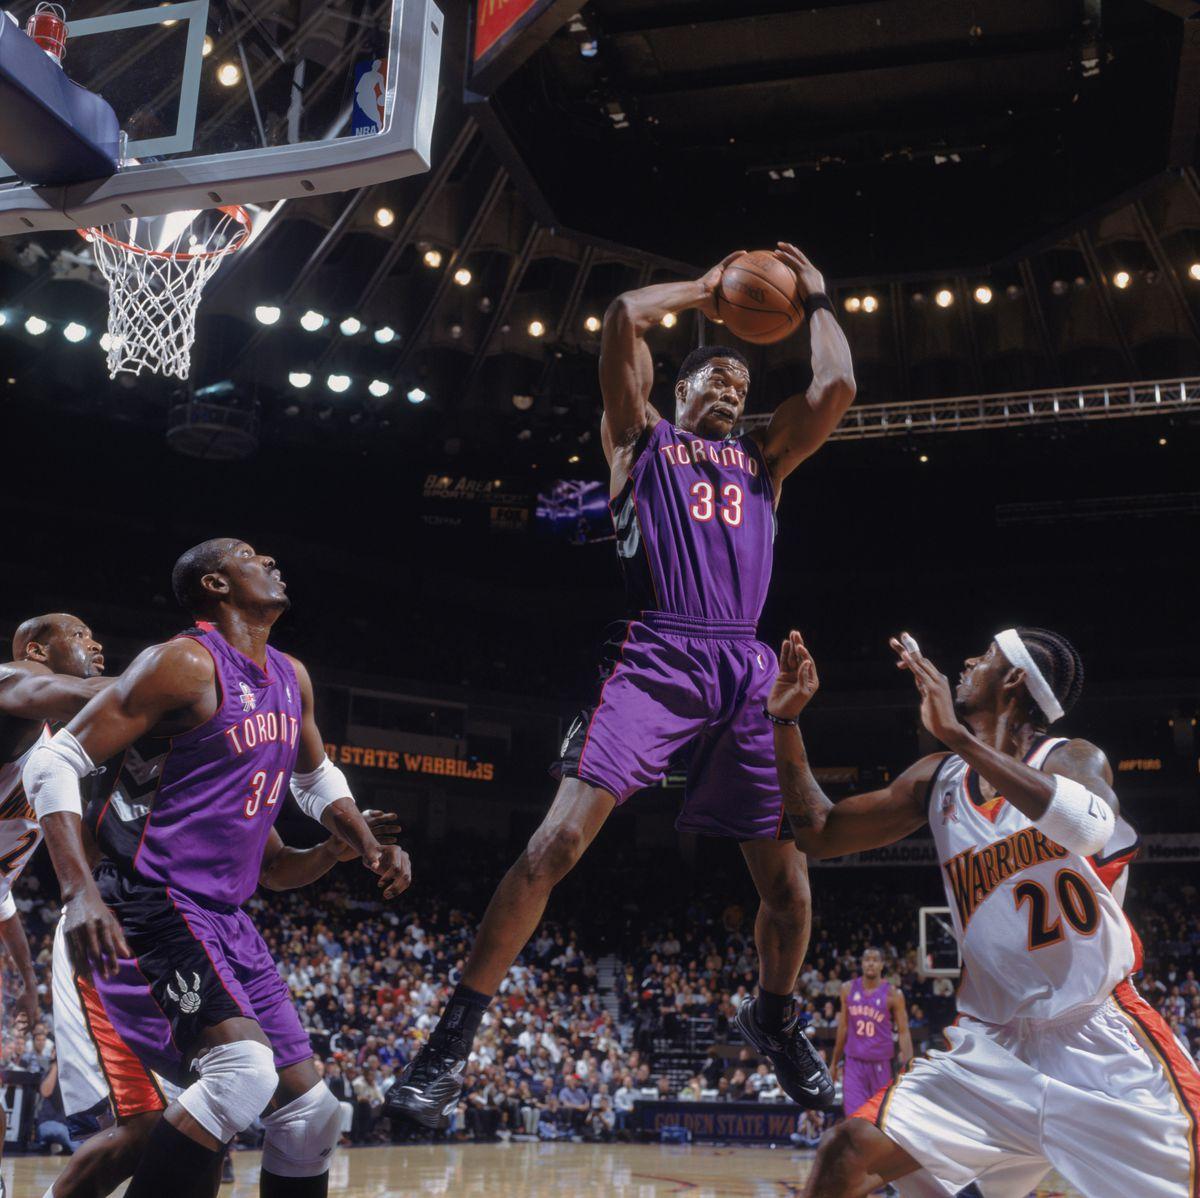 Antonio Davis grabs a rebound